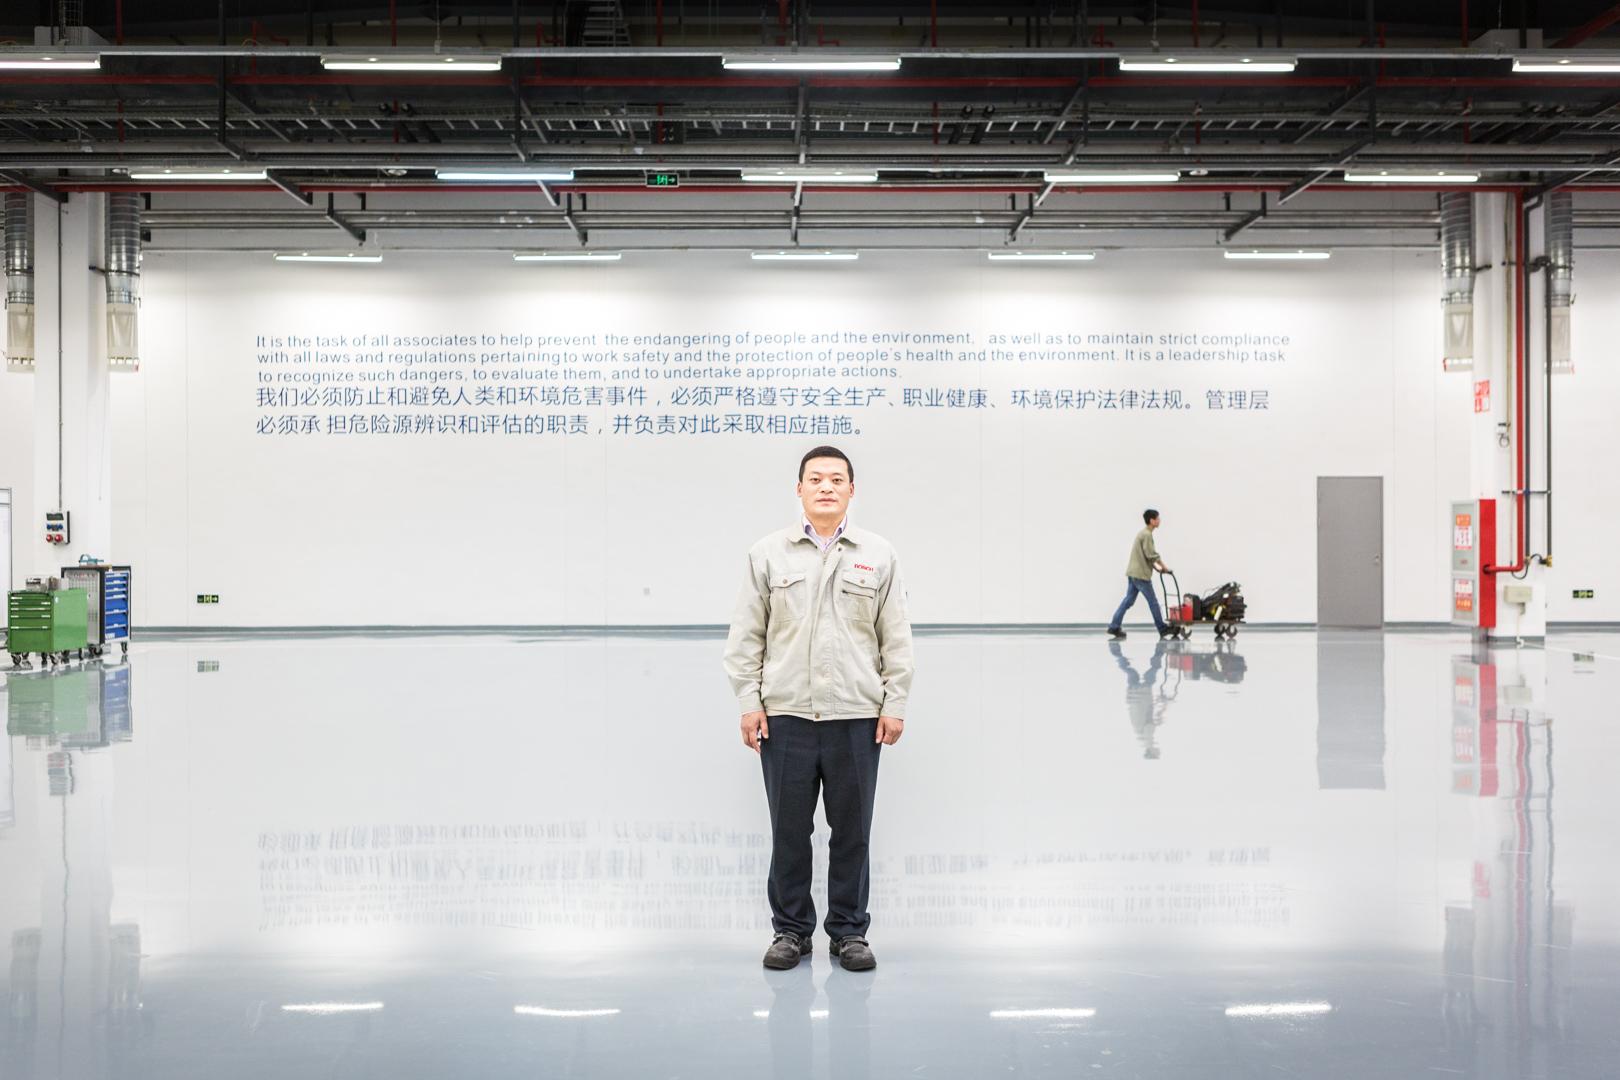 Produktionschef eines Werkes von Bosch in Chengdu, China